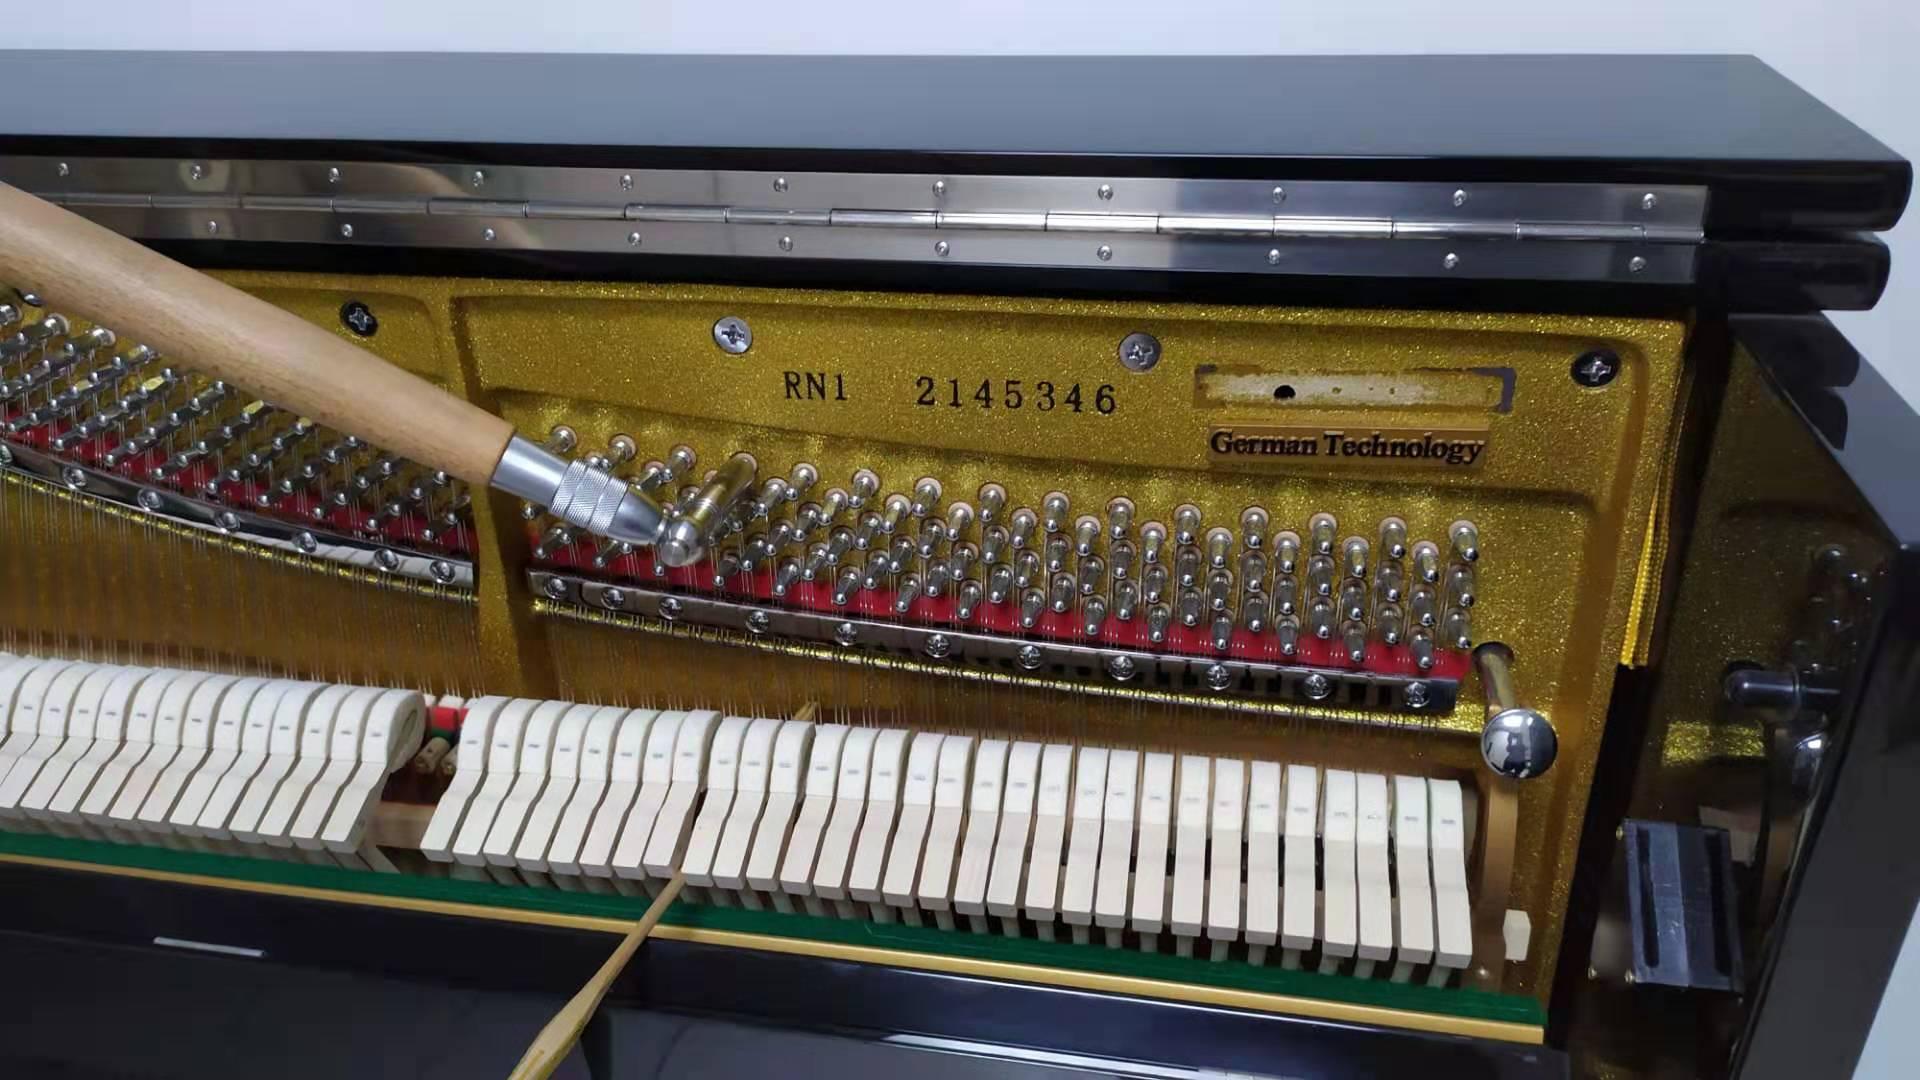 里特米勒(Ritmüller)RN1立式钢琴调律,三和弦钢琴调律维修工作室,服务项目包括:钢琴调律,钢琴维修,钢琴整理,钢琴补漆,钢琴外观抛光,石家庄钢琴调律维修电话:15830649179。